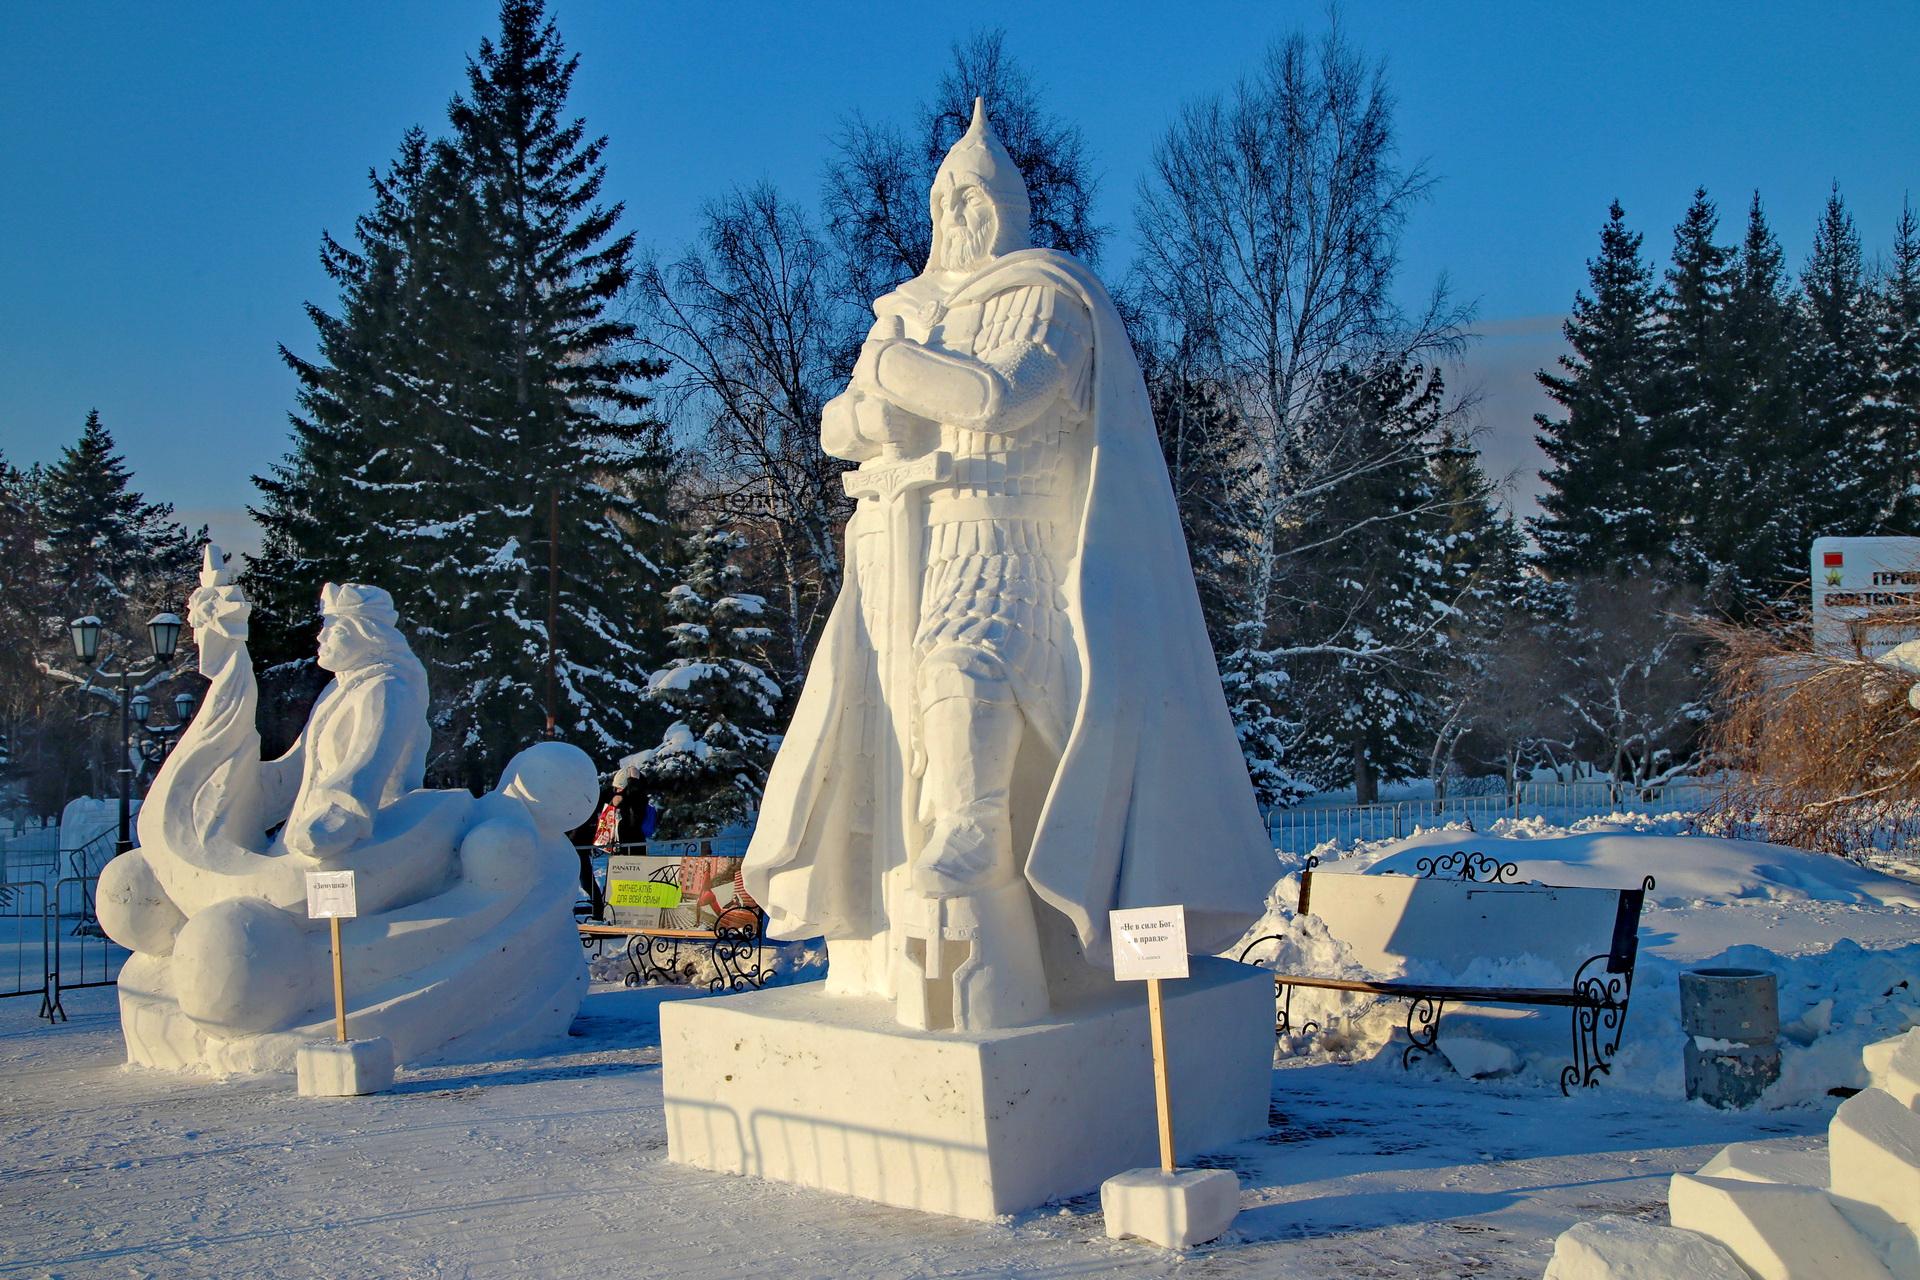 Снежную композицию команды из Смоленска разрушили в Новосибирске